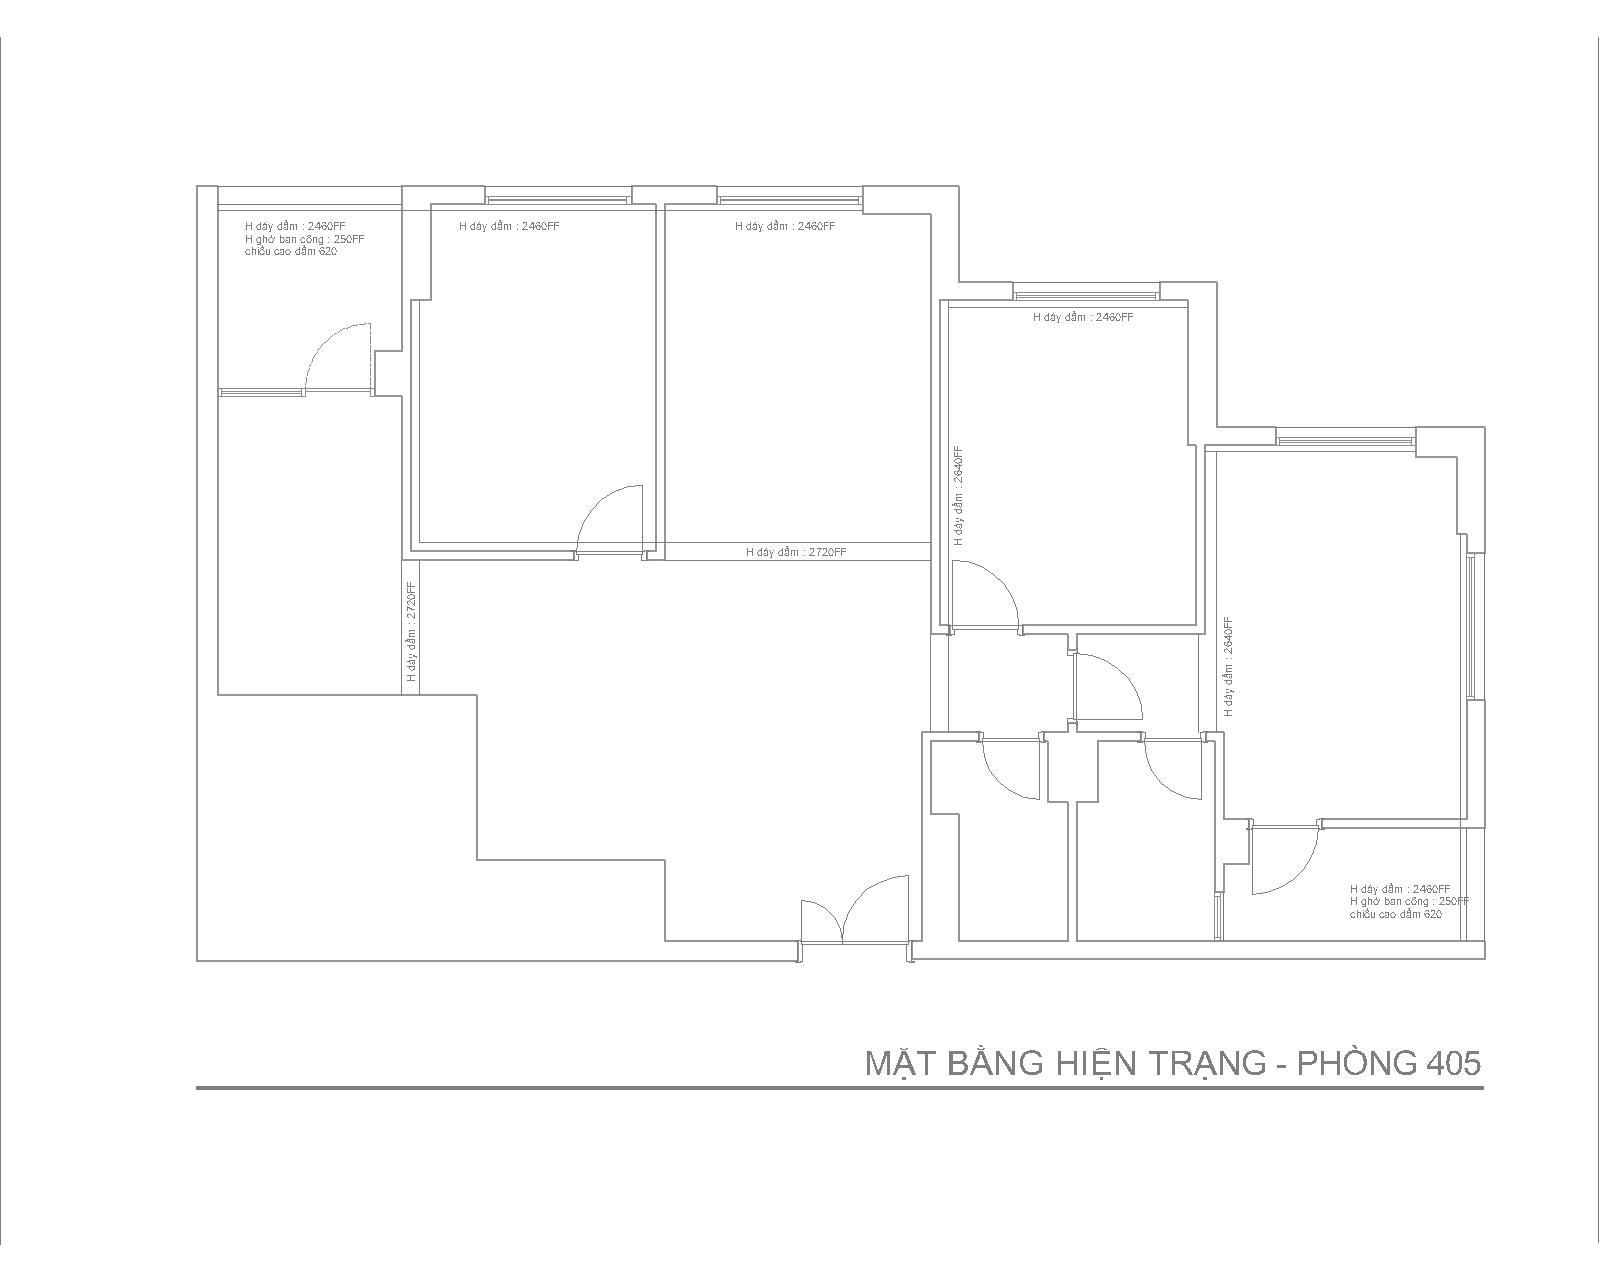 Nội thất căn hộ chung cư phòng số 05- Chung cư 25 Lạc Trung - Mặt bằng hiện trạng